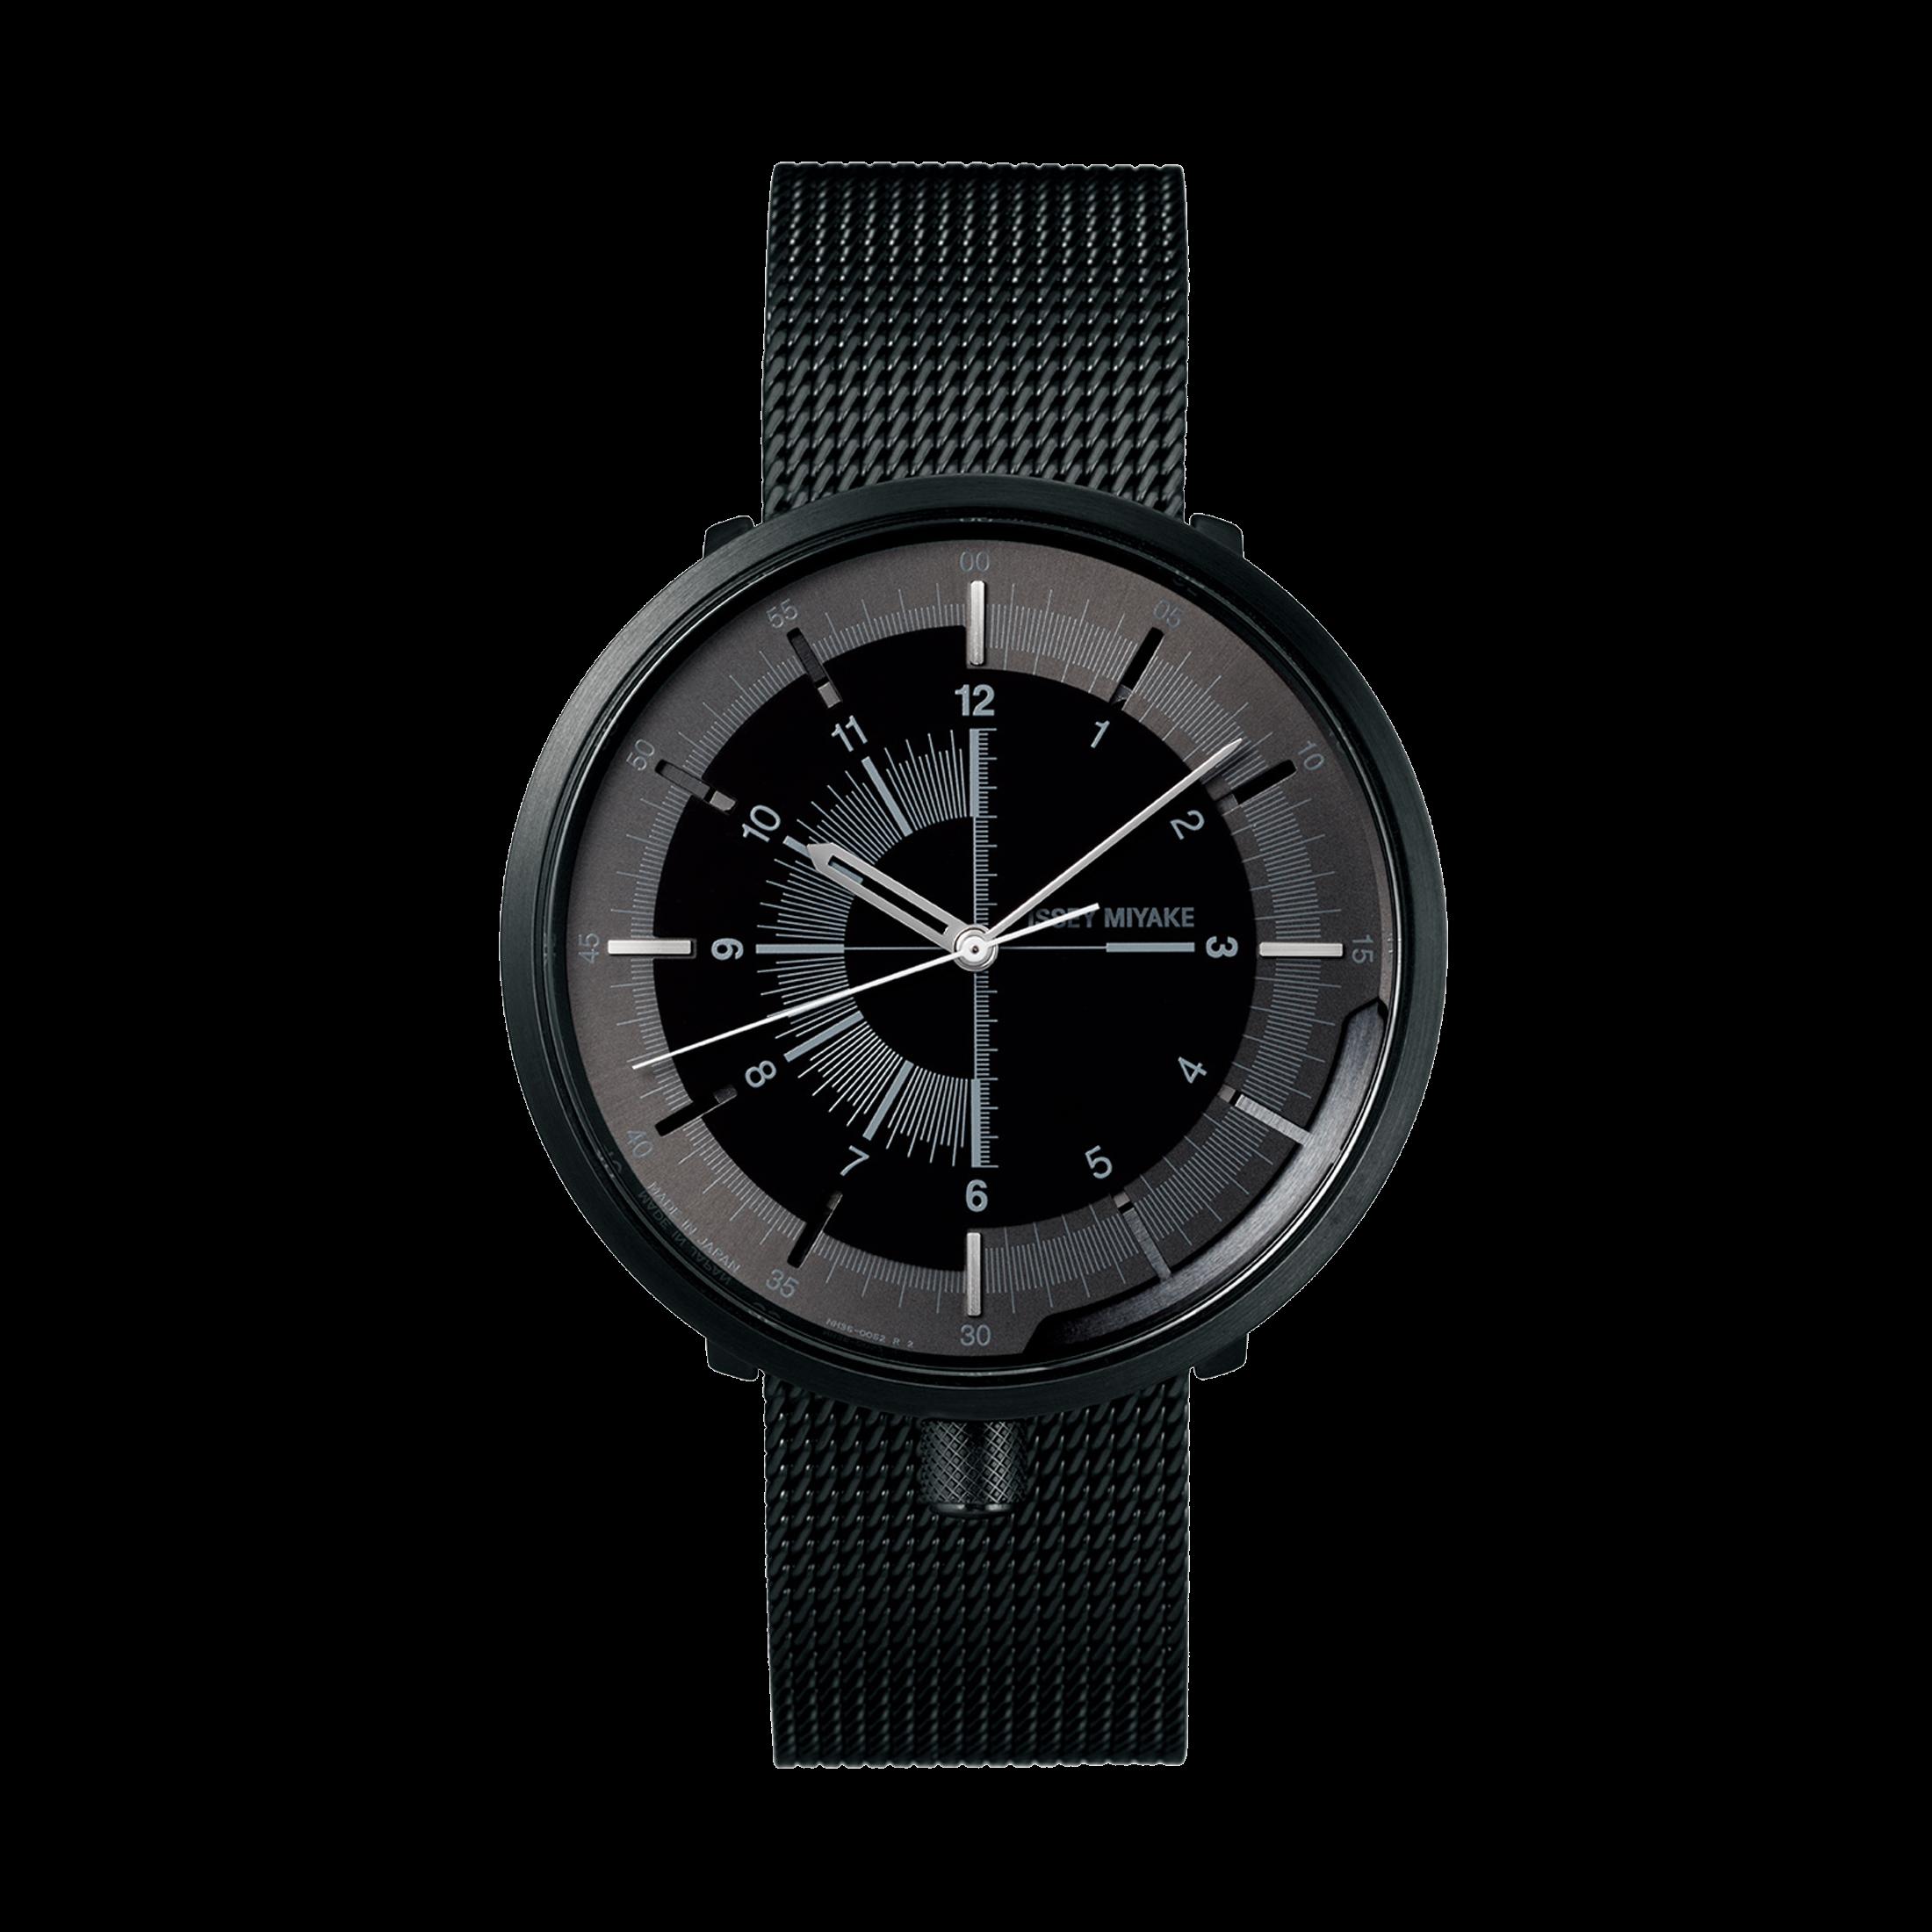 issey-miyake-1-6-mechanical-watch-nyak001-8